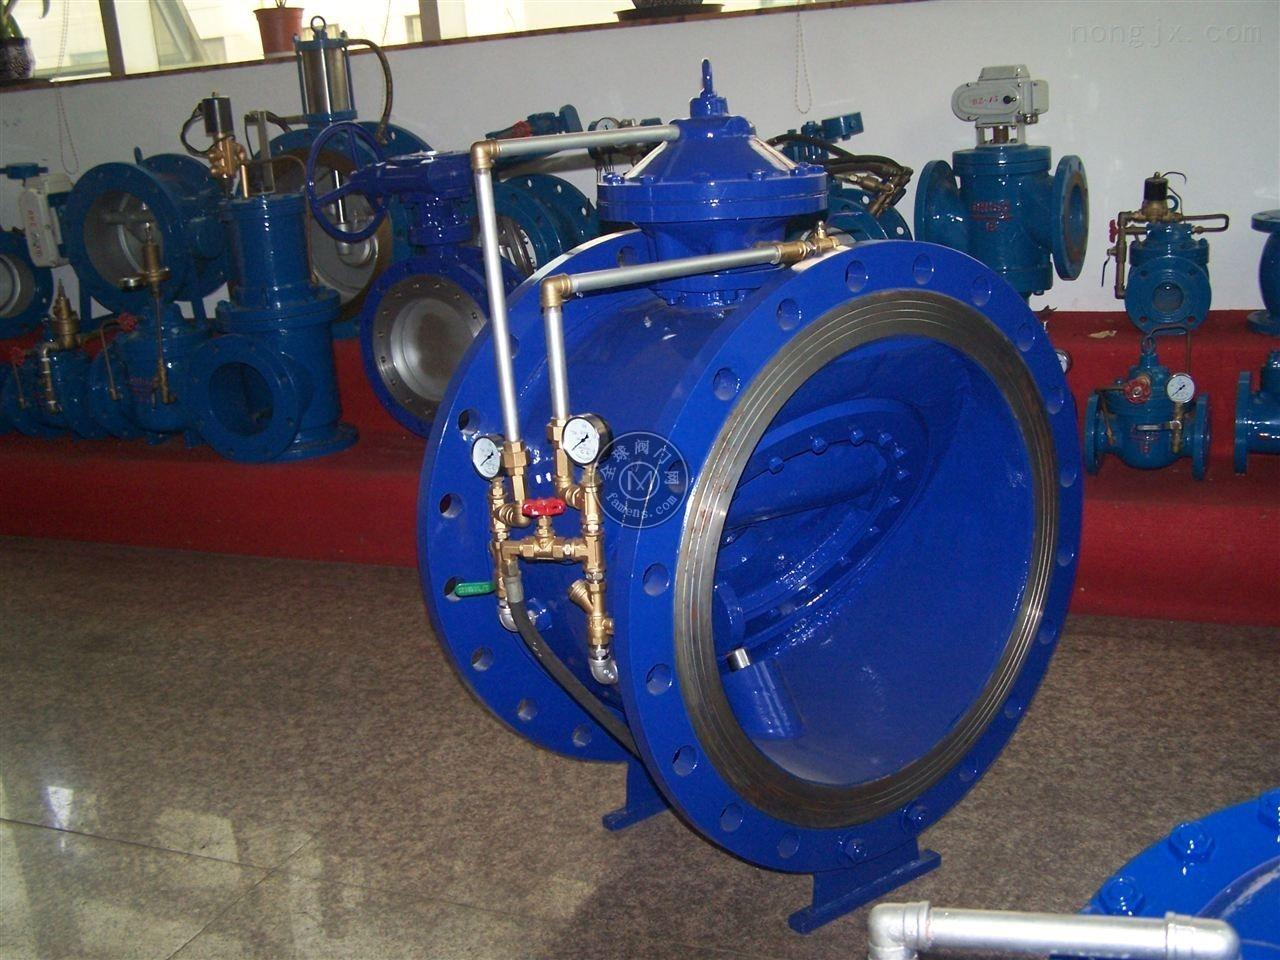 管力阀 水力控制阀 BFDG7M4管力阀 碳钢管力阀